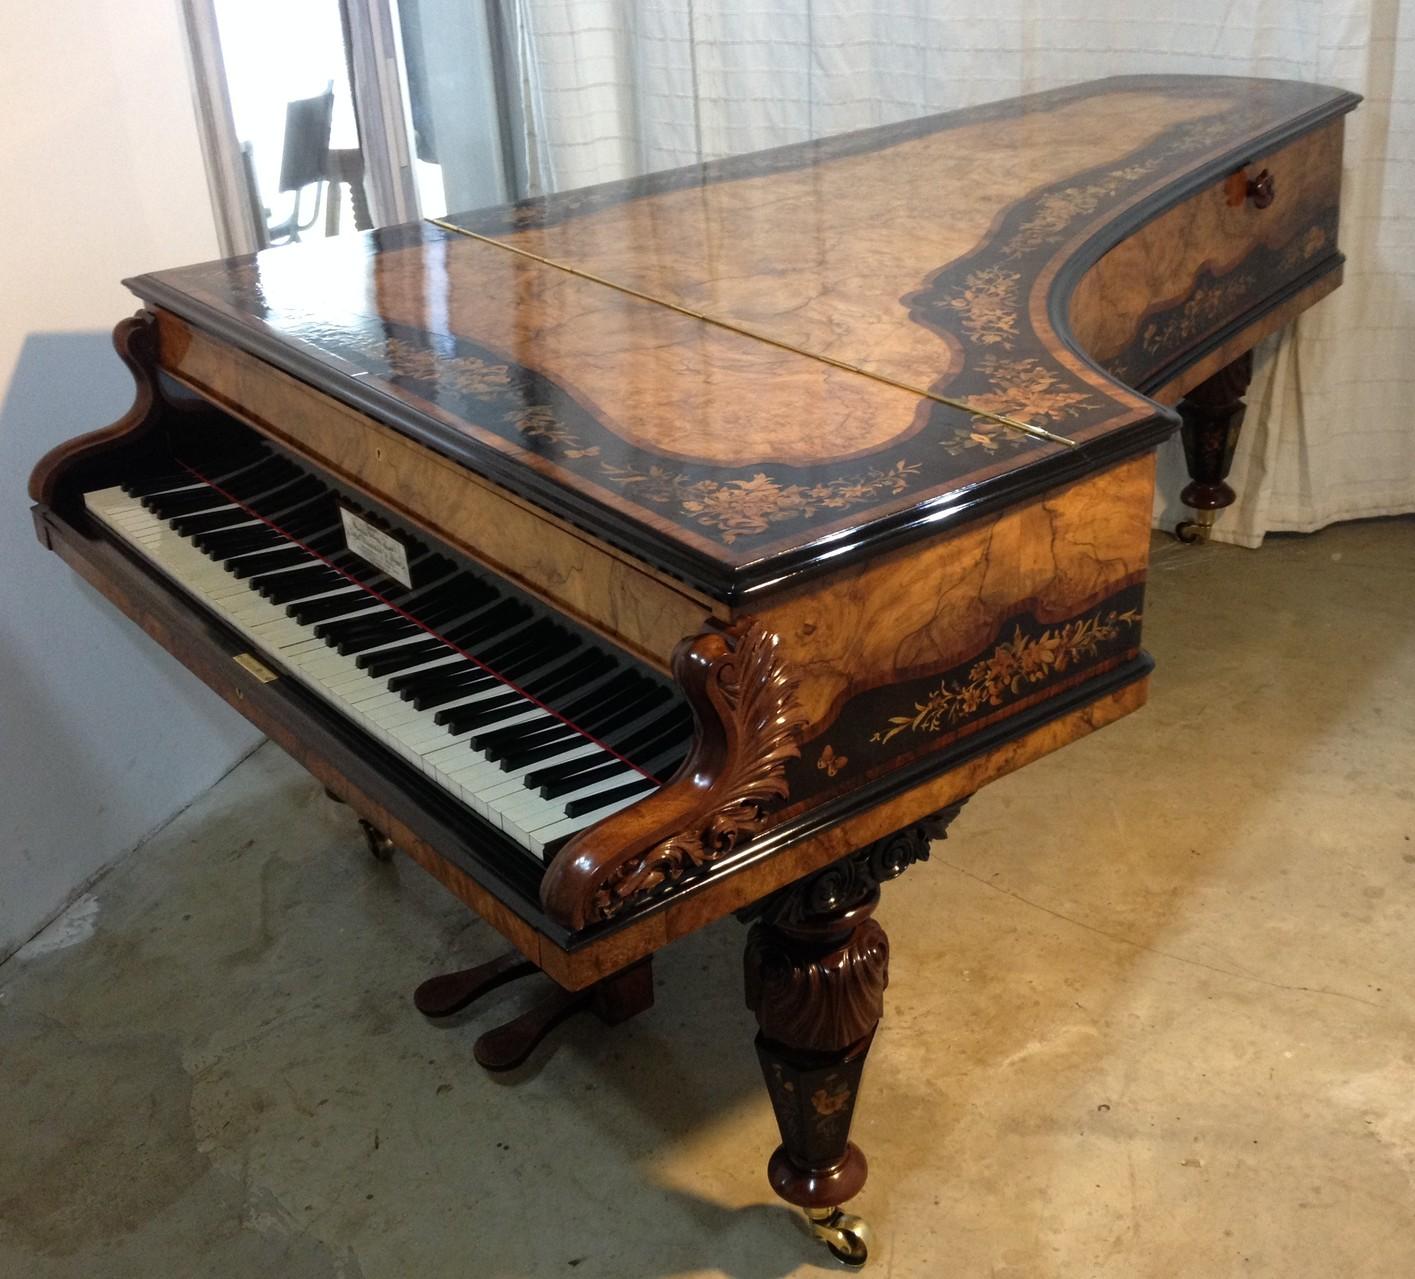 3 mois de restauration pour ce magnifique piano